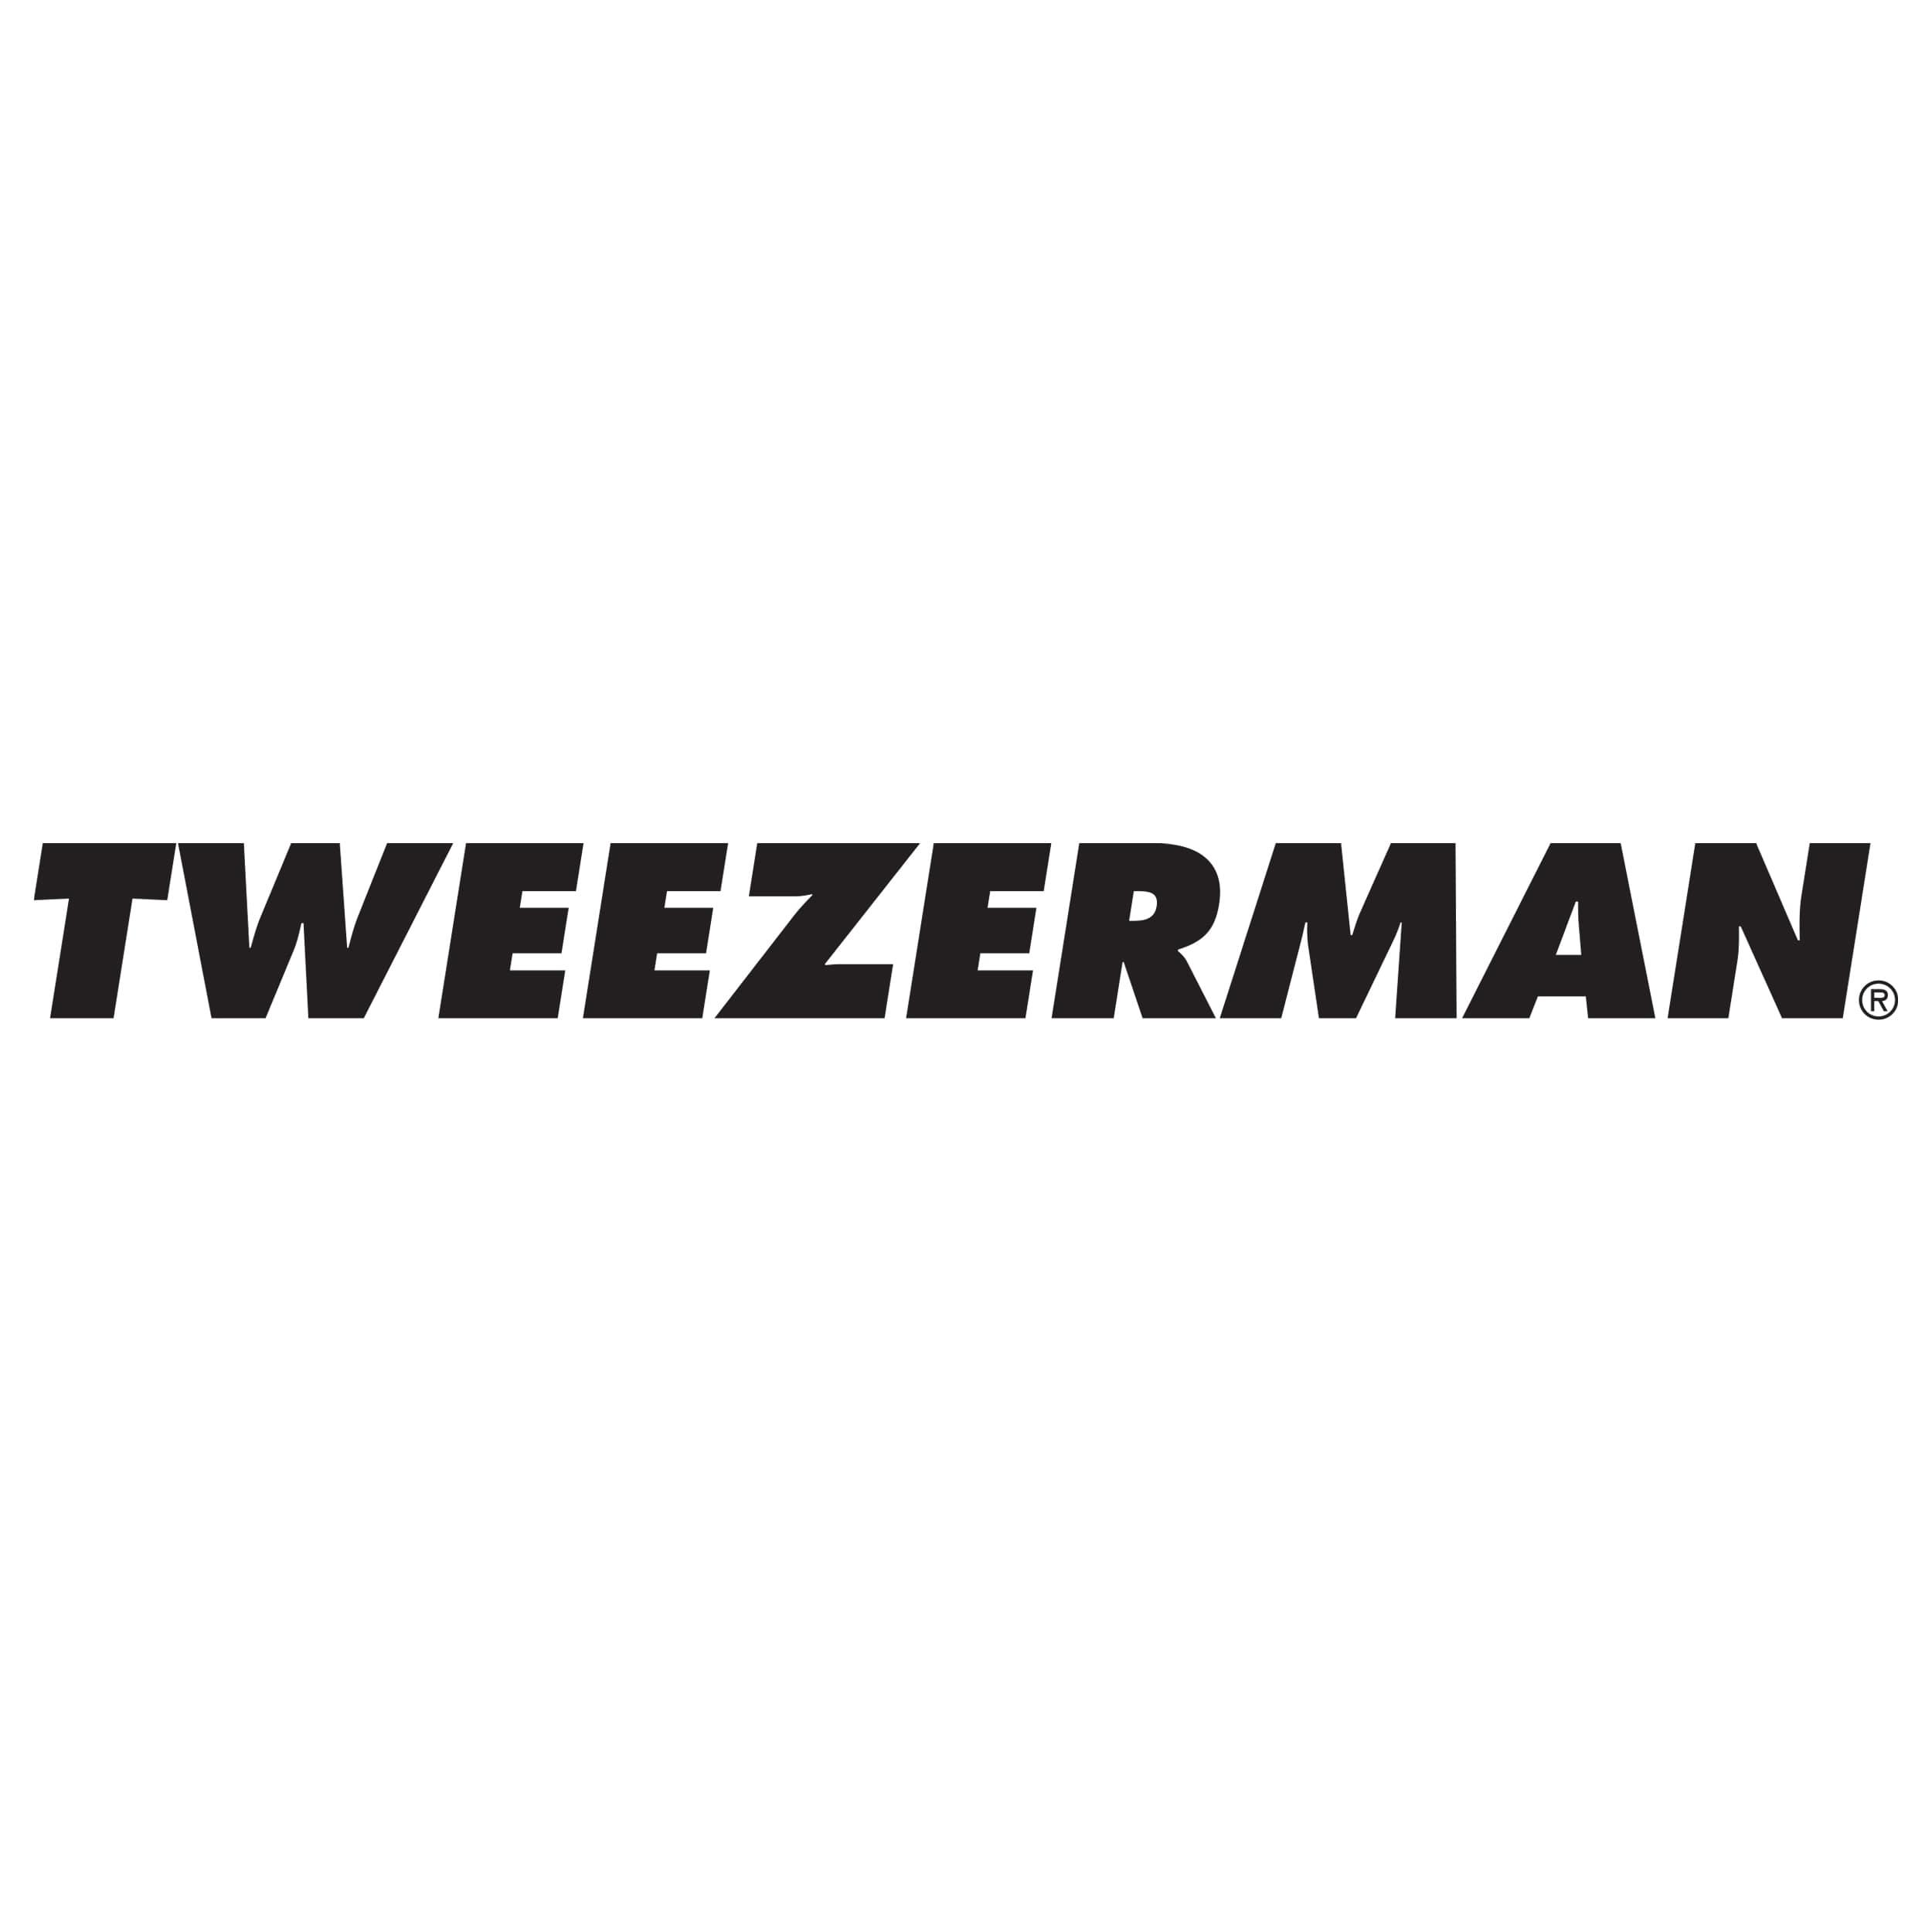 Tweezermate 10x Lighted Mirror - 6762-R - Tweezerman UK